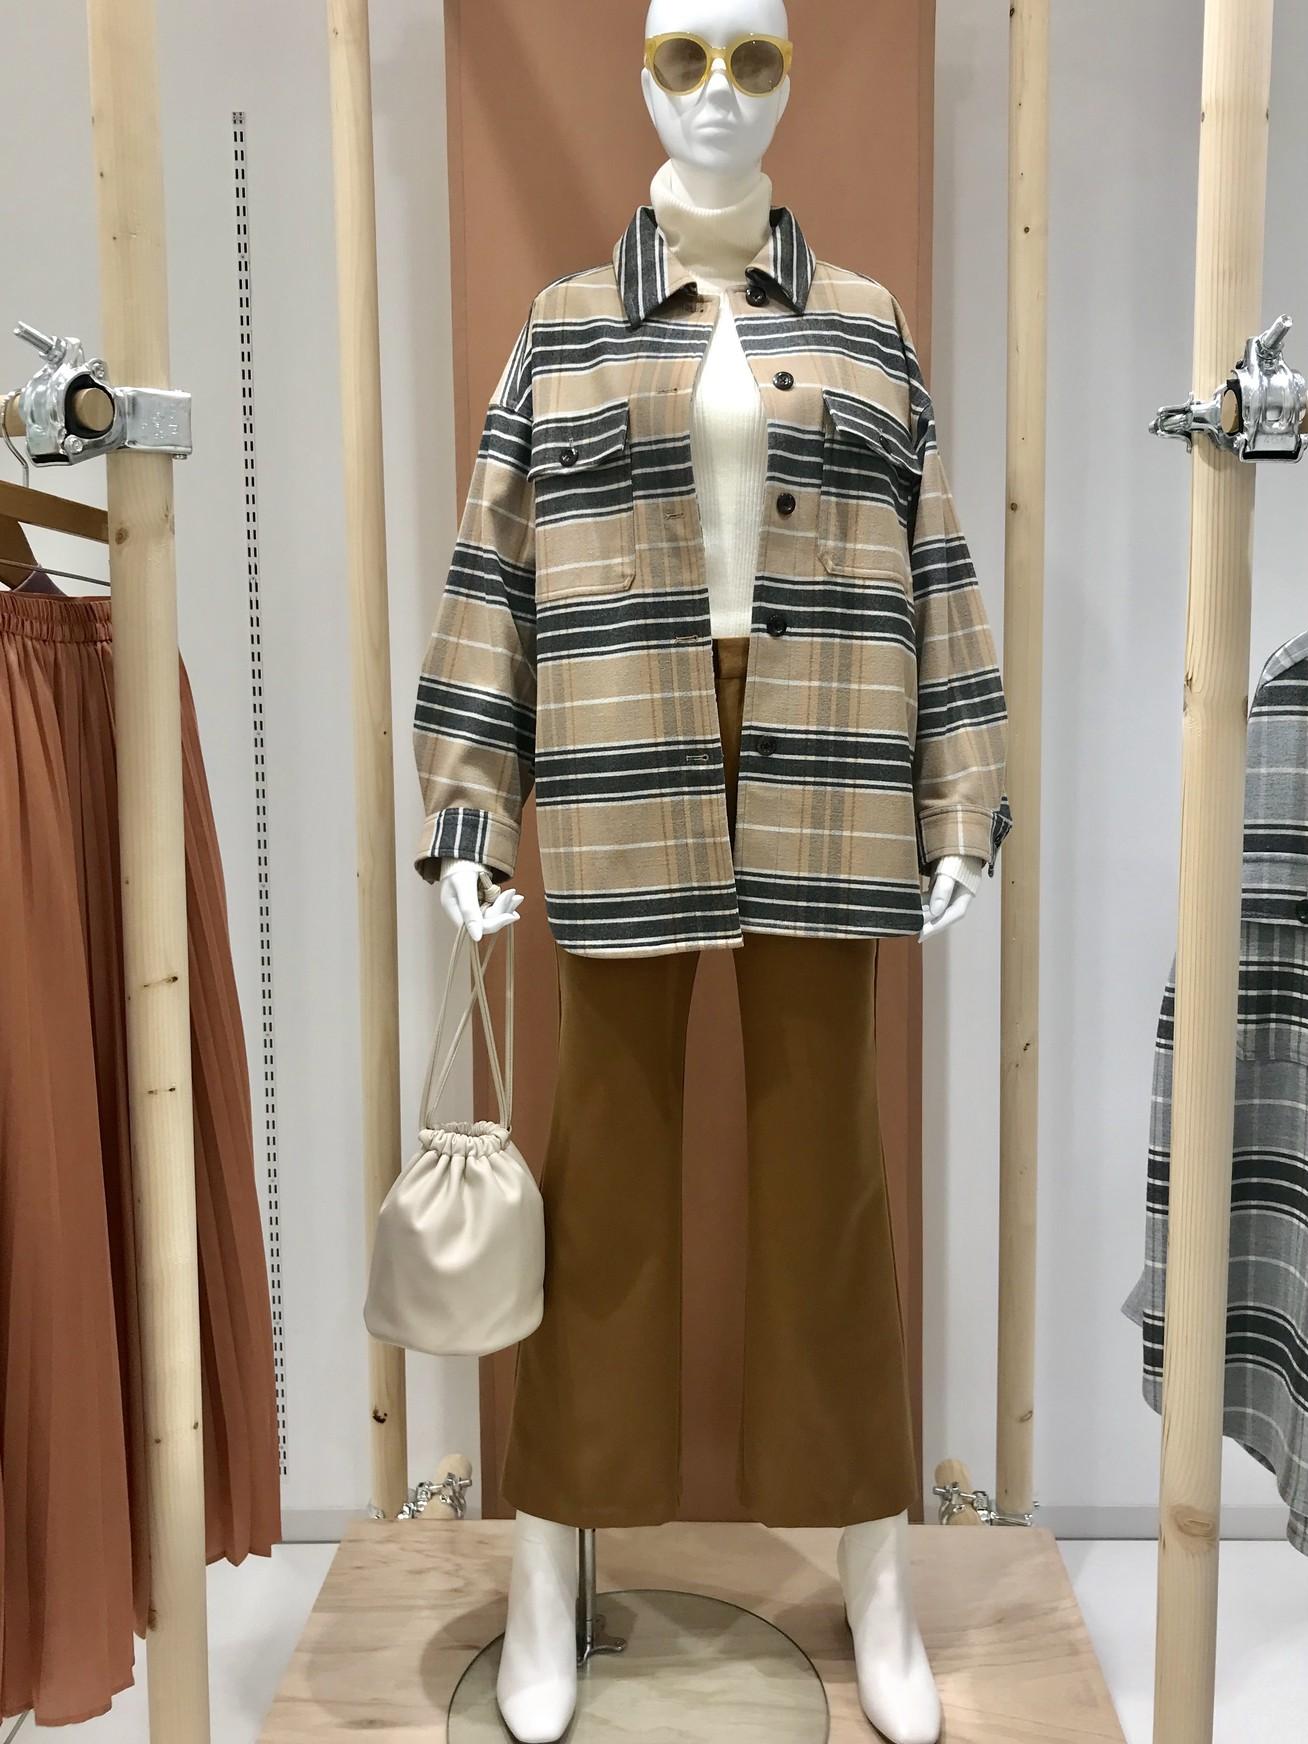 2019秋→冬は中間ライトアウターを買え【GU(ジーユー)】のCPOジャケットで30代女子があか抜けるコーデのコツ_3_2